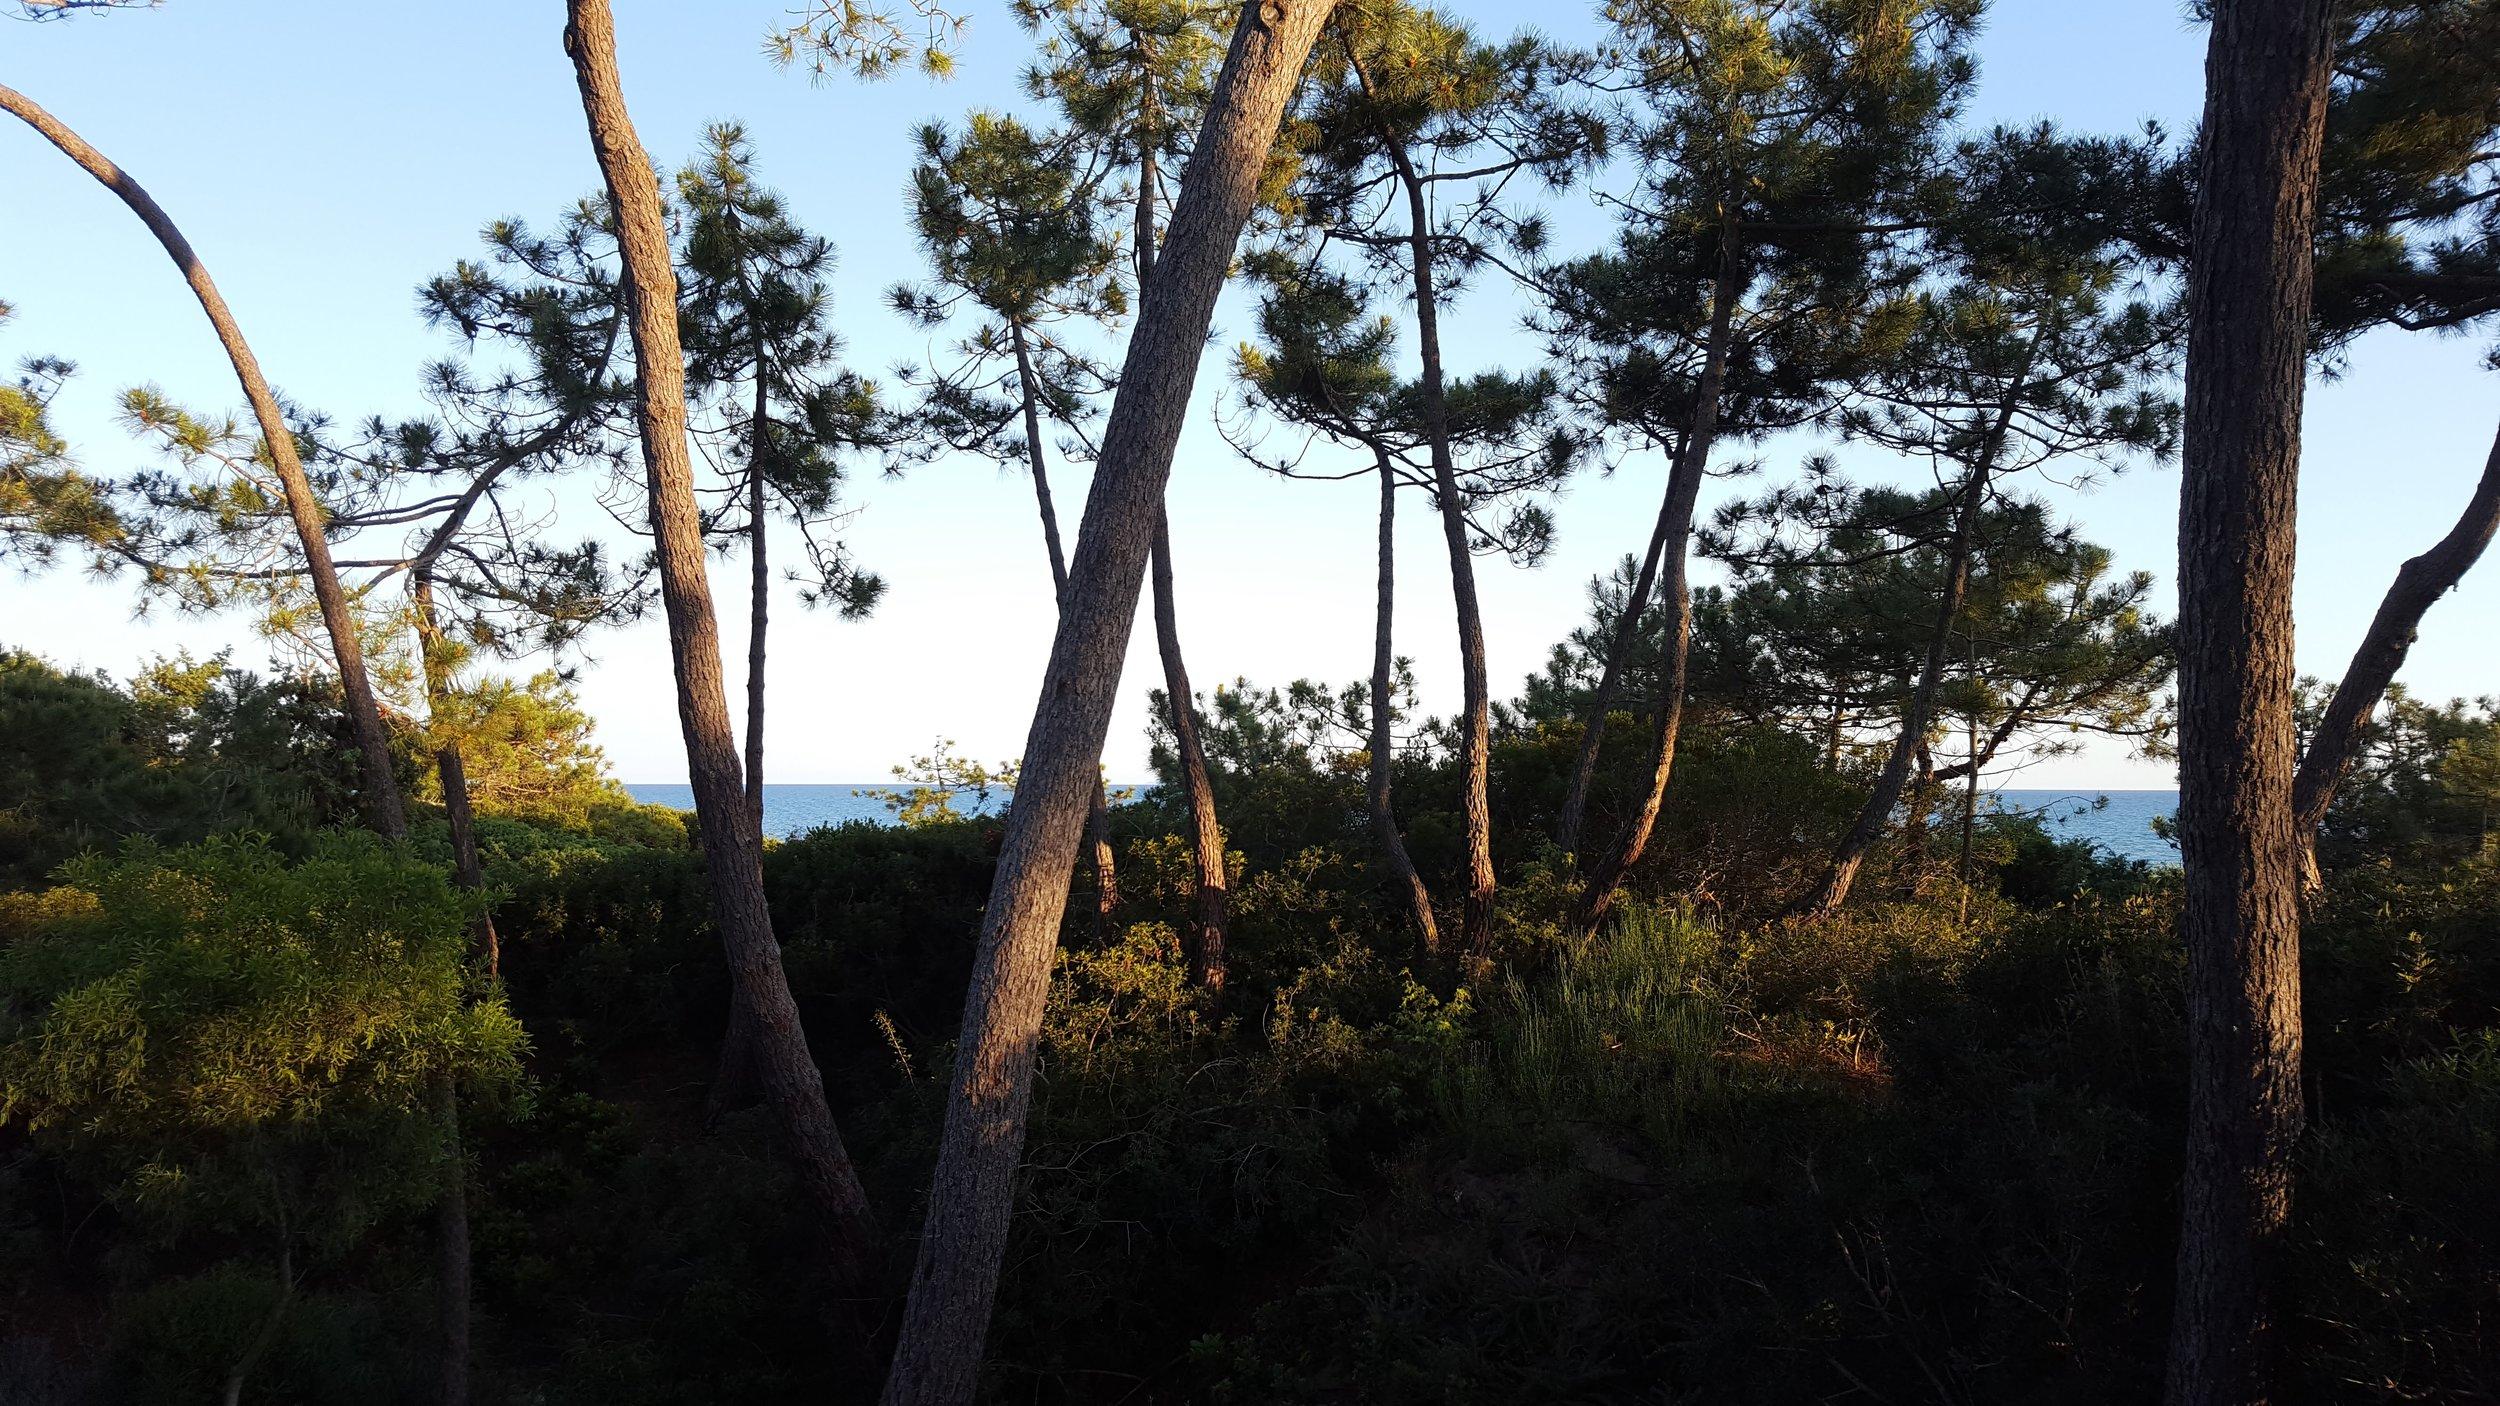 Luigi Greco Architetto - La Casa della Cicala - art in nature - Ambienta 2016 - Roccamare - Castiglione della Pescaia - arte naturale 4.jpg